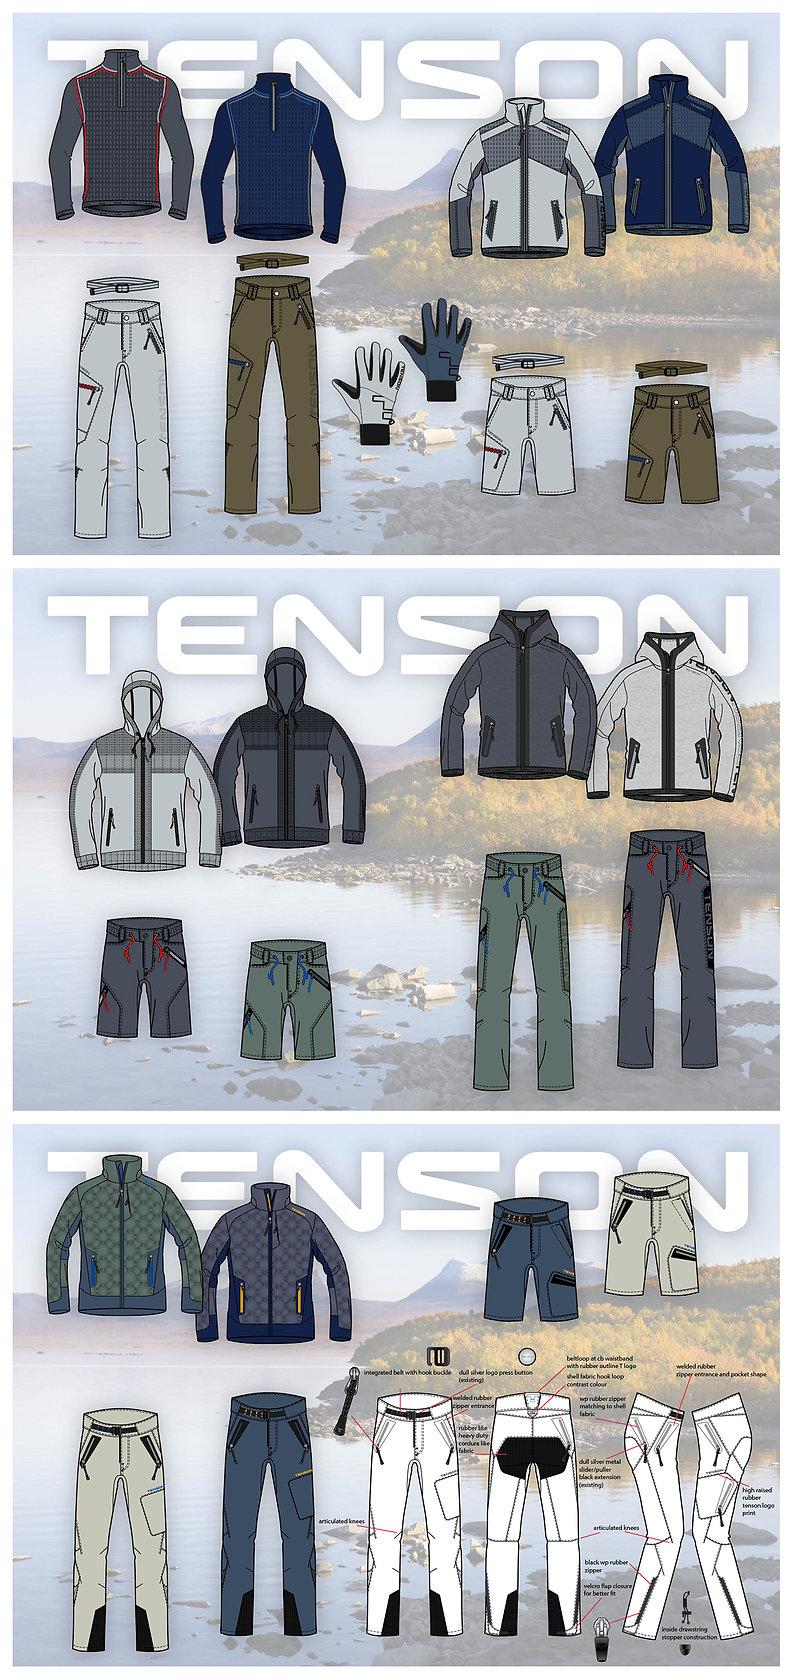 Men's Outdoor Tenson